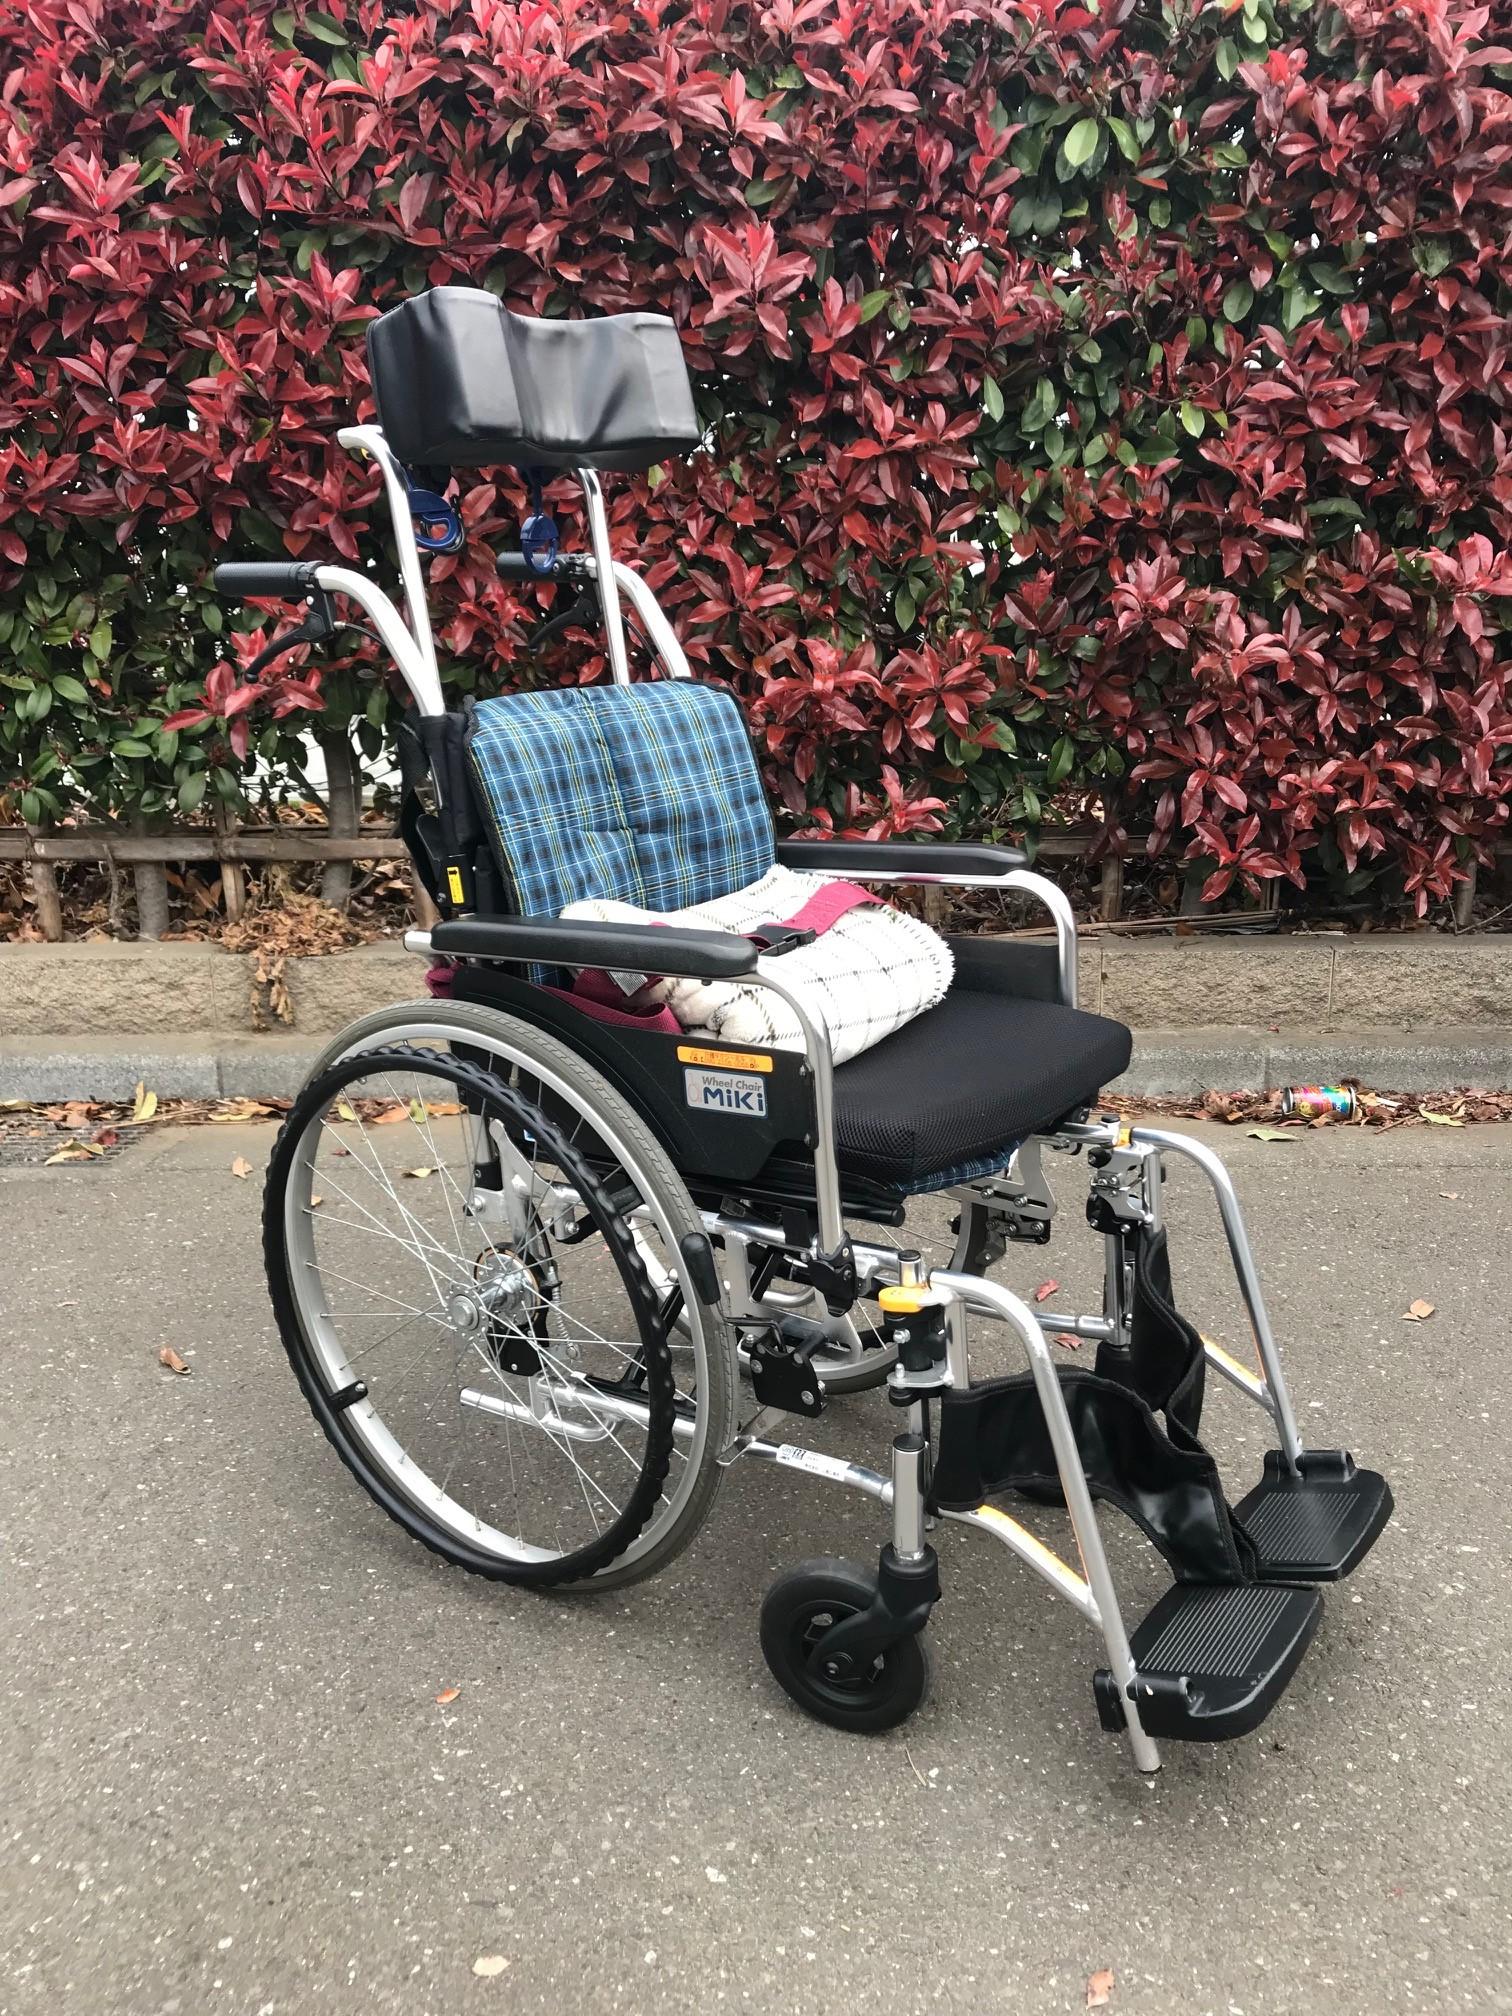 ヘッドレスト付 標準車椅子